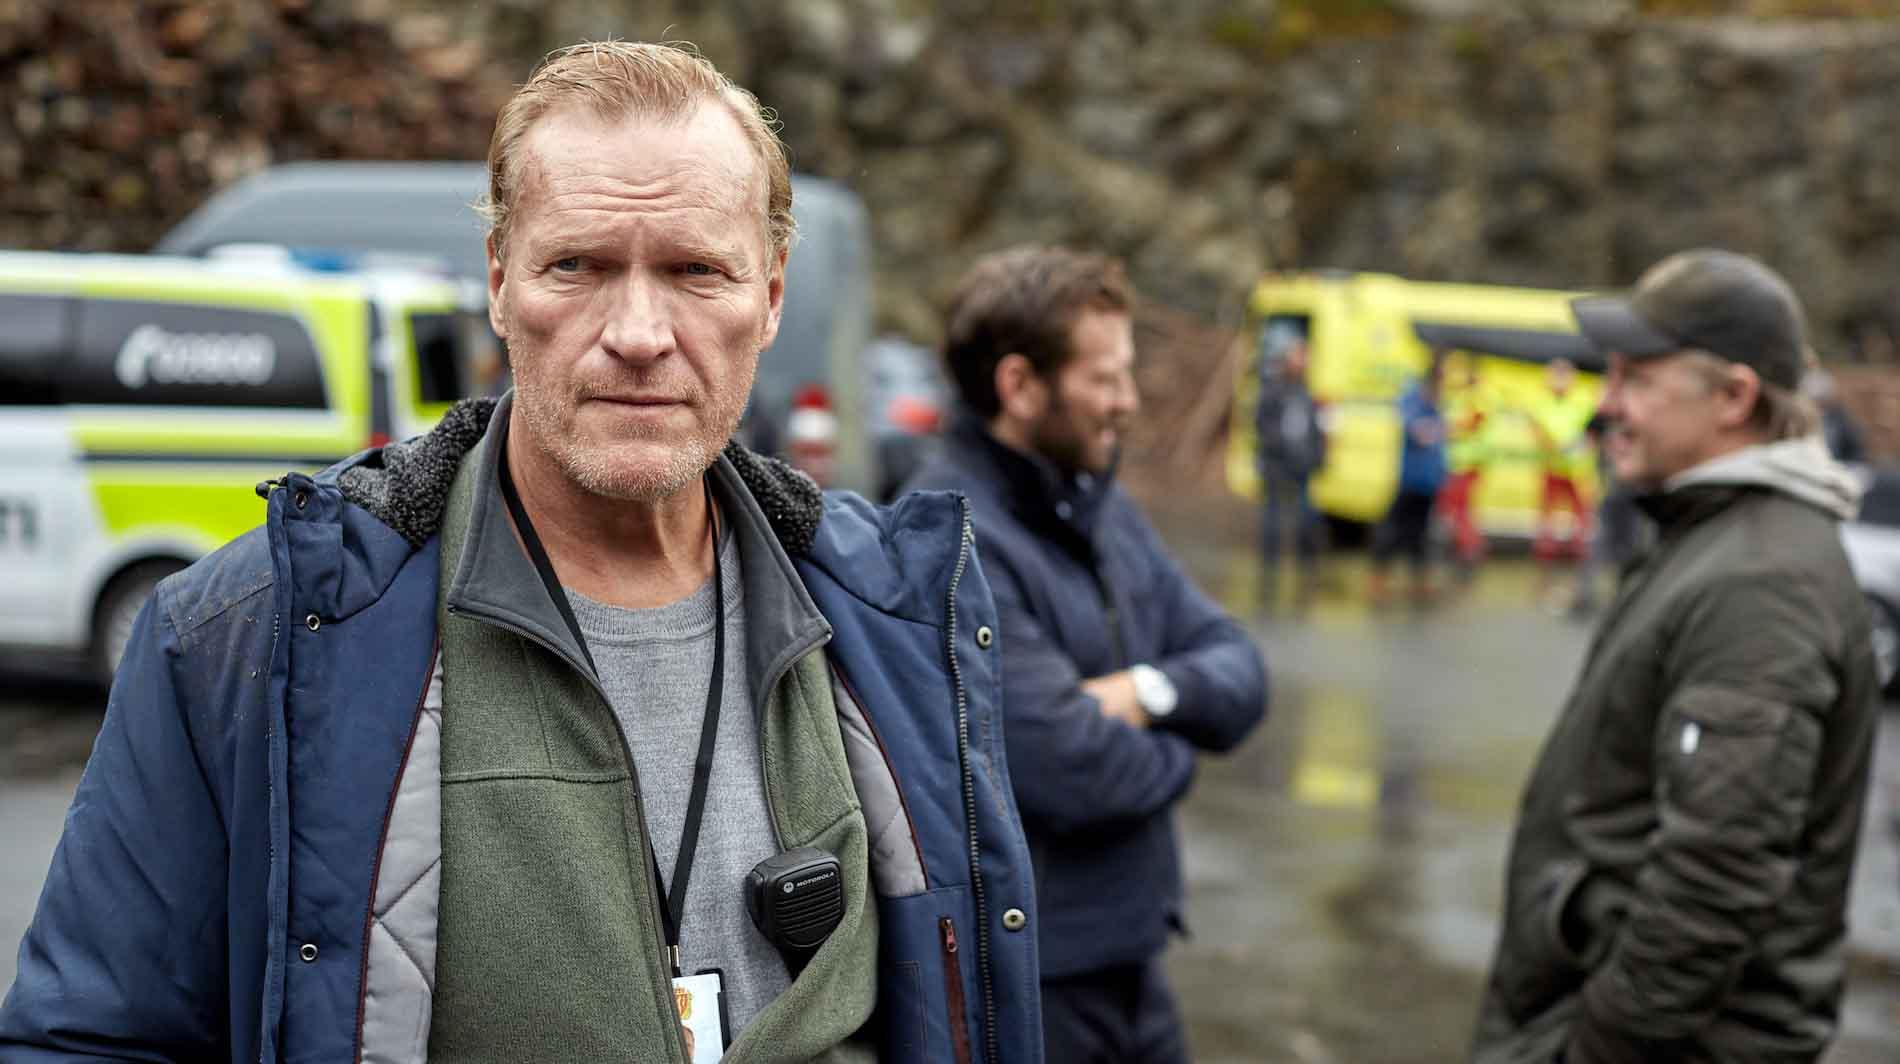 Skandinavische Krimiserie, Norwegen, Kommissar Wisting